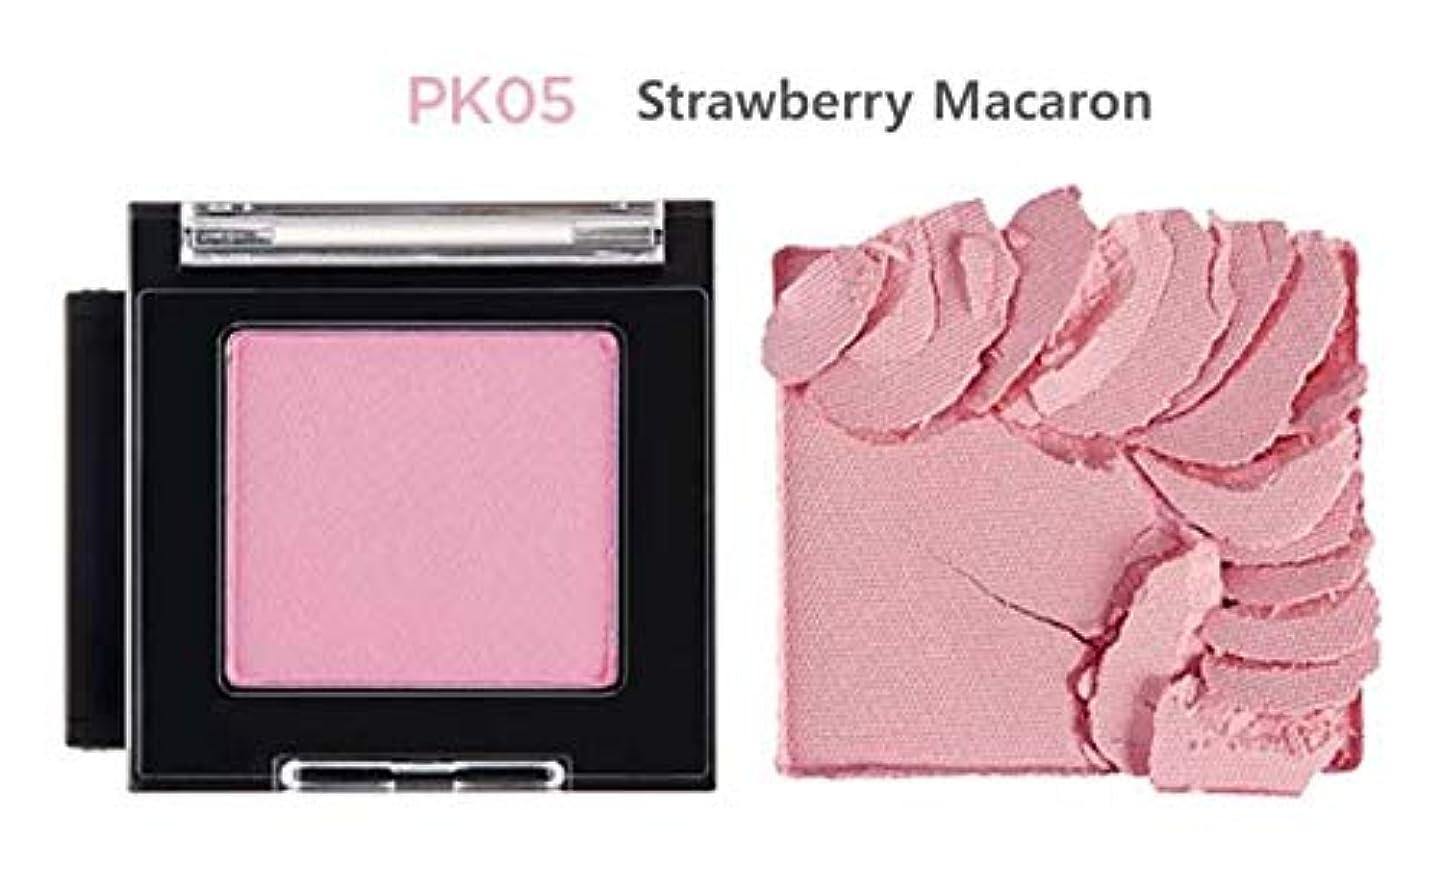 として公園グレード[ザ・フェイスショップ] THE FACE SHOP [モノ キューブ アイシャドウ (マット) 20カラー] (Mono Cube Eyeshadow (Matte) 2.1g - 20 shades) (#PK05 - Strawberry Macaron)